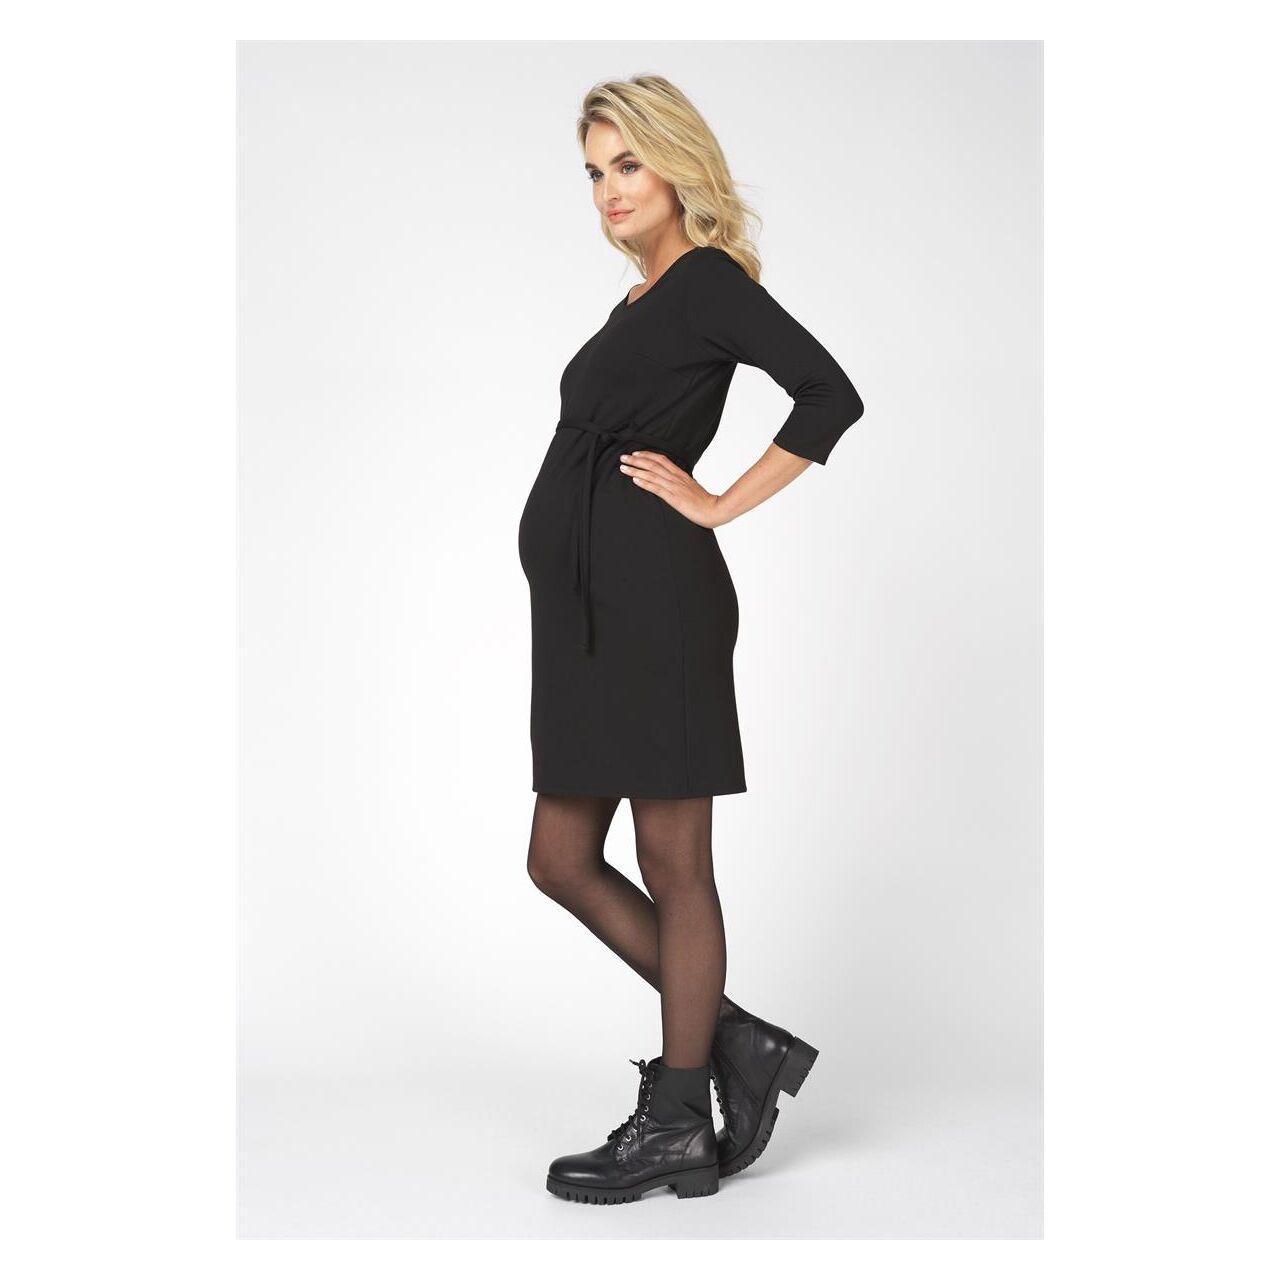 Arm Mit Black Solid Hübsches Noppies Kleid 34 Paris jLqUMVpSzG